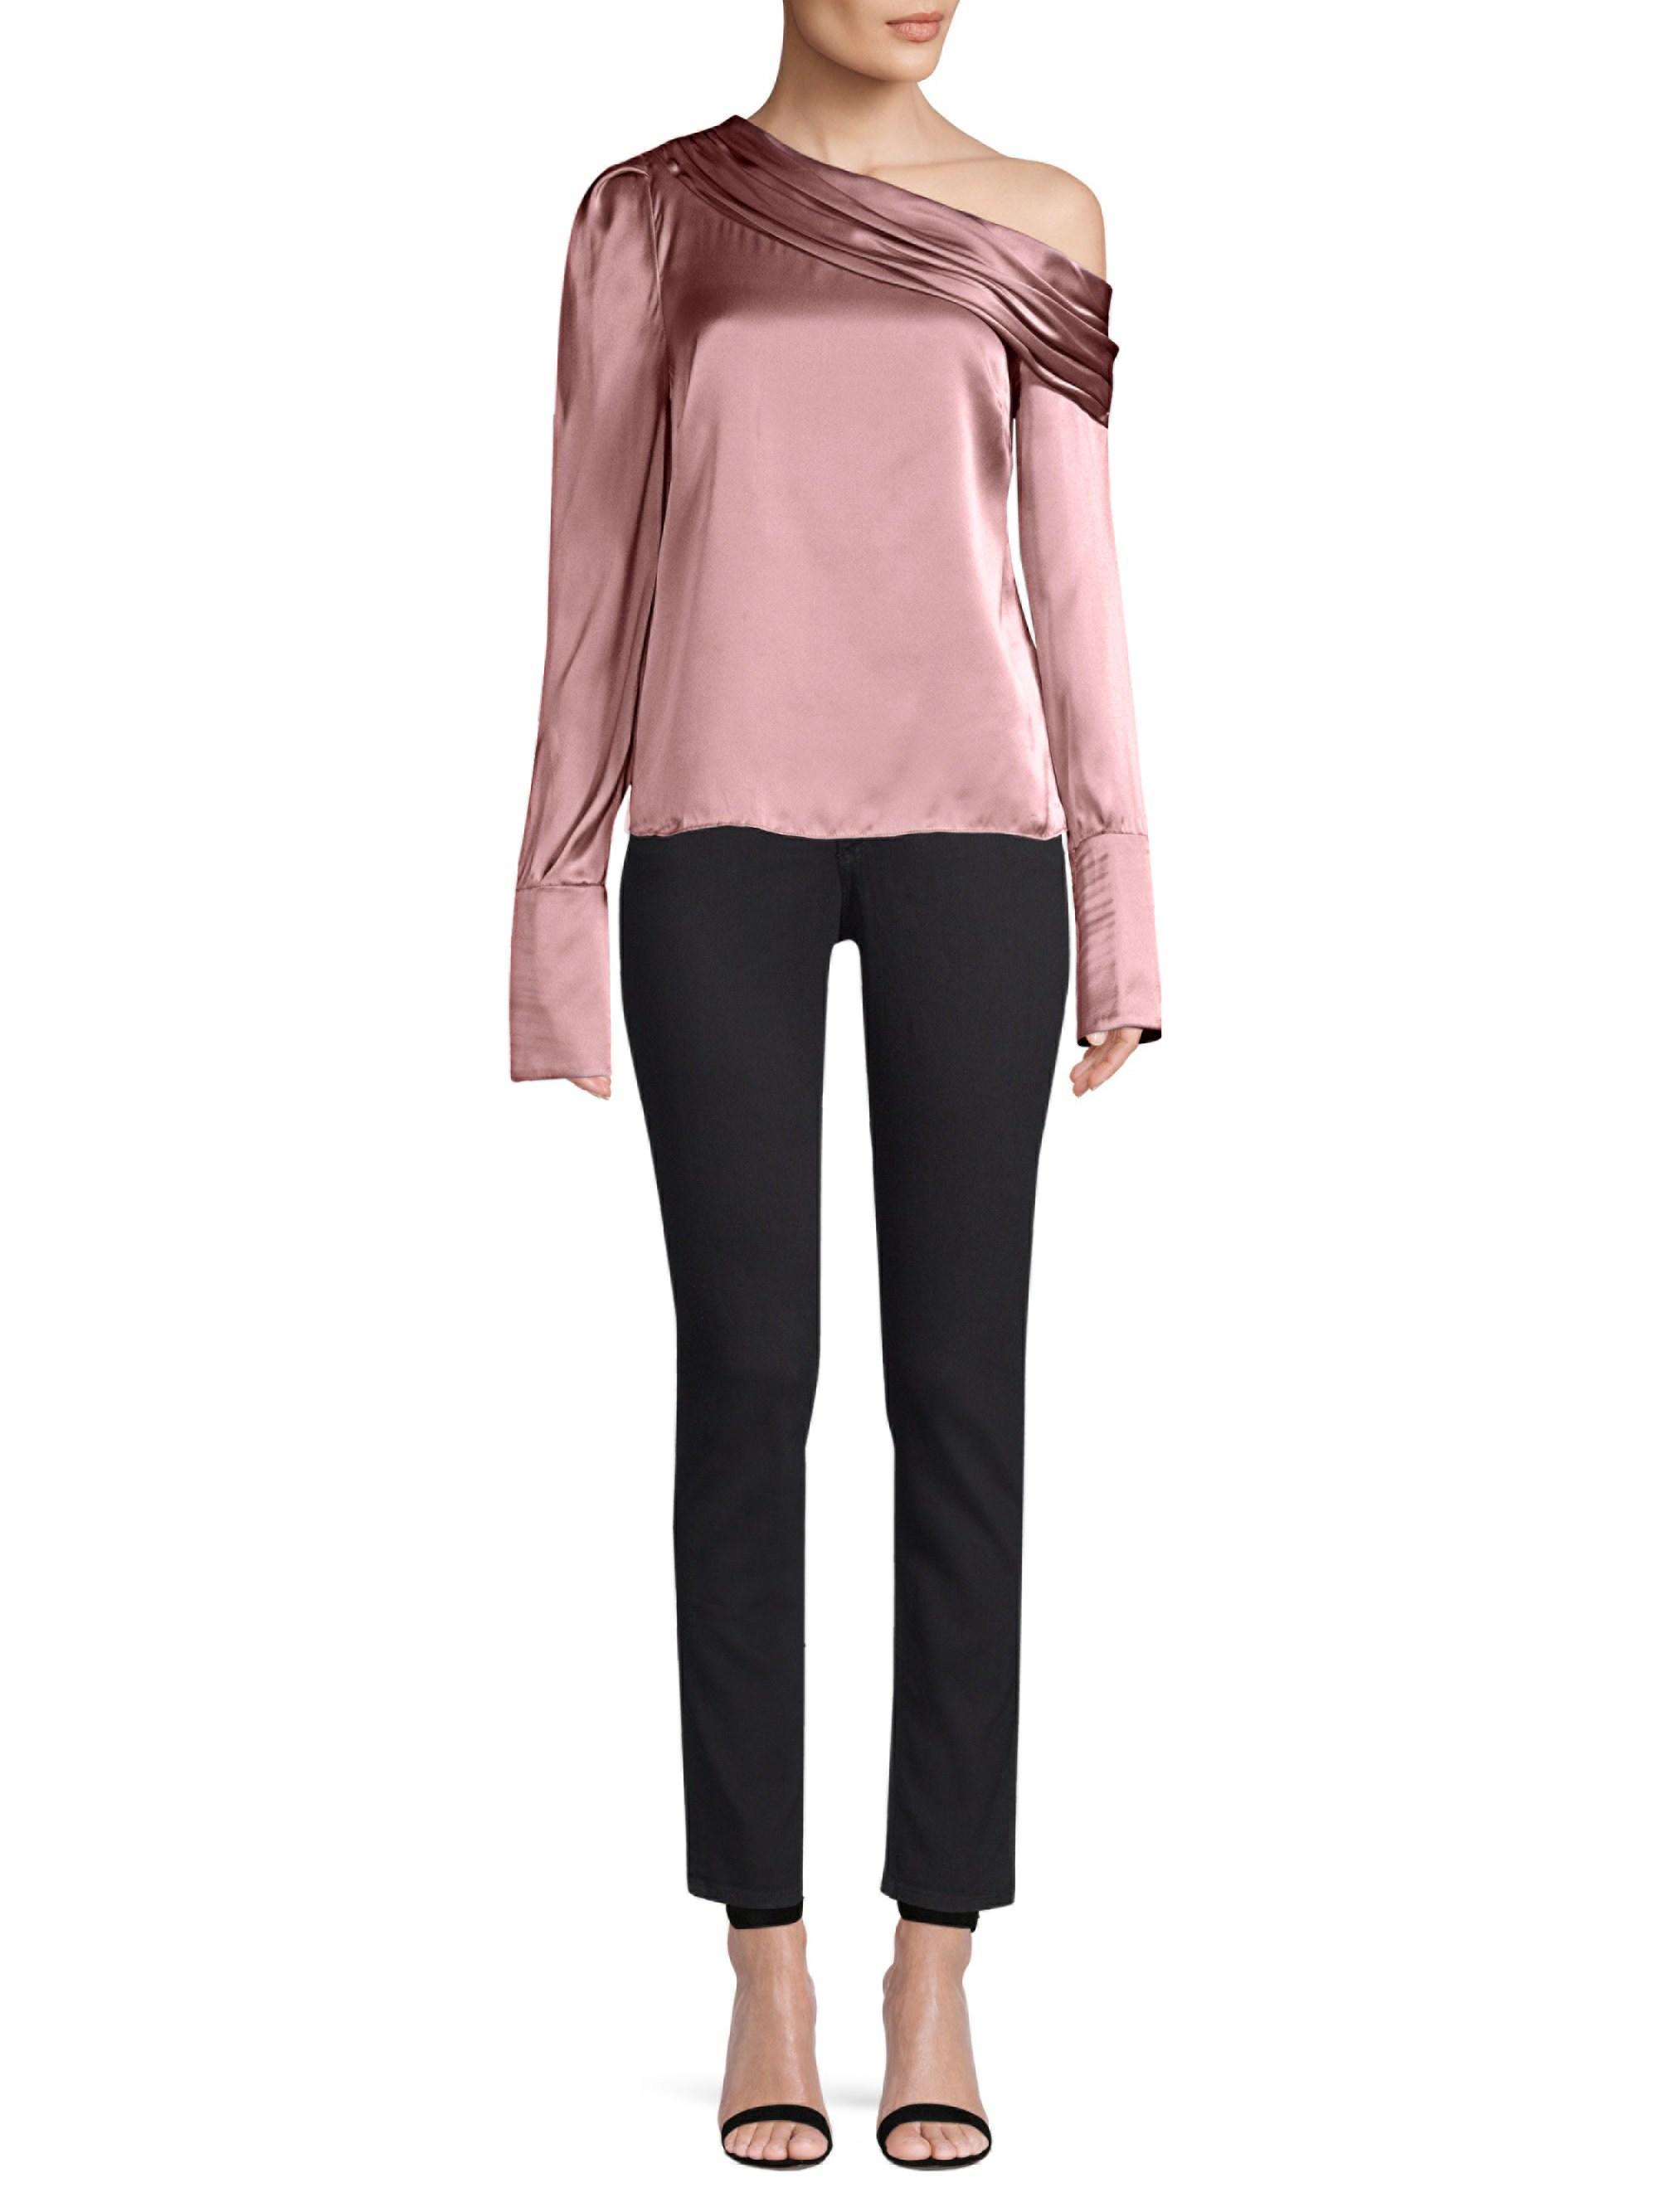 a259d933055b0 AMUR Women s Monica One-shoulder Blouse - Dusty Rose - Size Medium ...